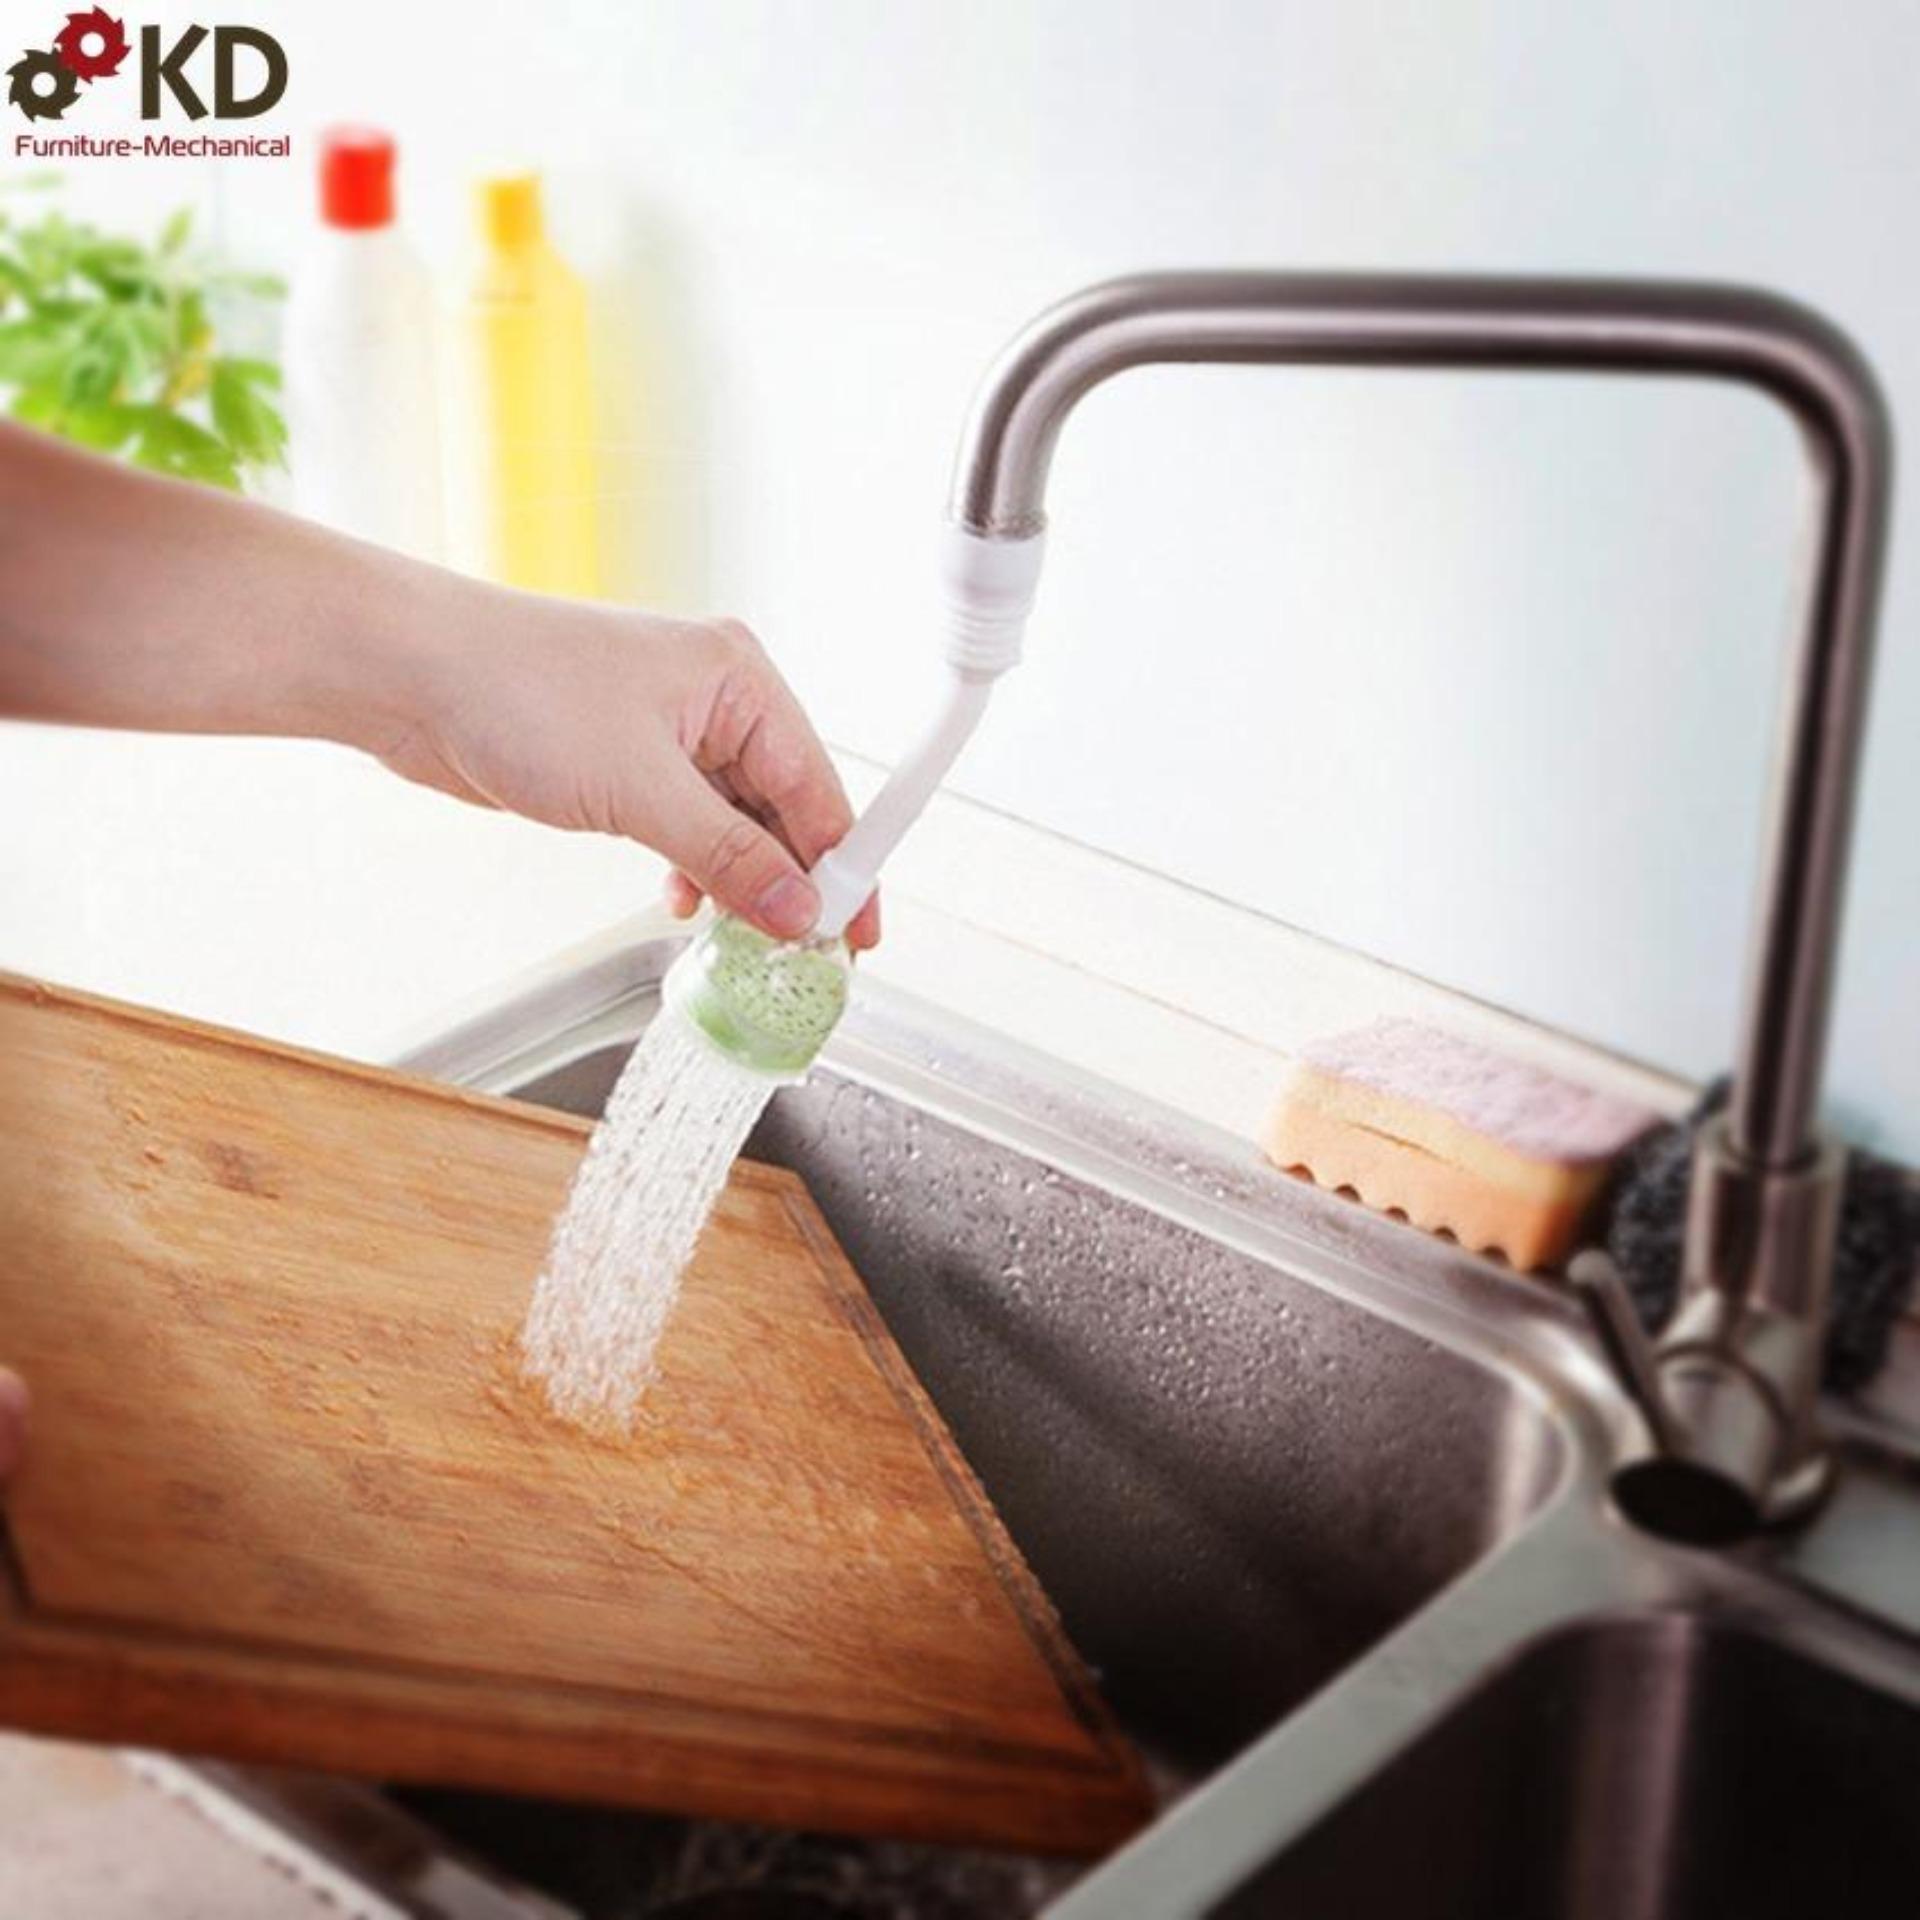 Hình ảnh Đầu vòi rửa chén xoay đa chiều 2 chế độ phun tiết kiệm nước